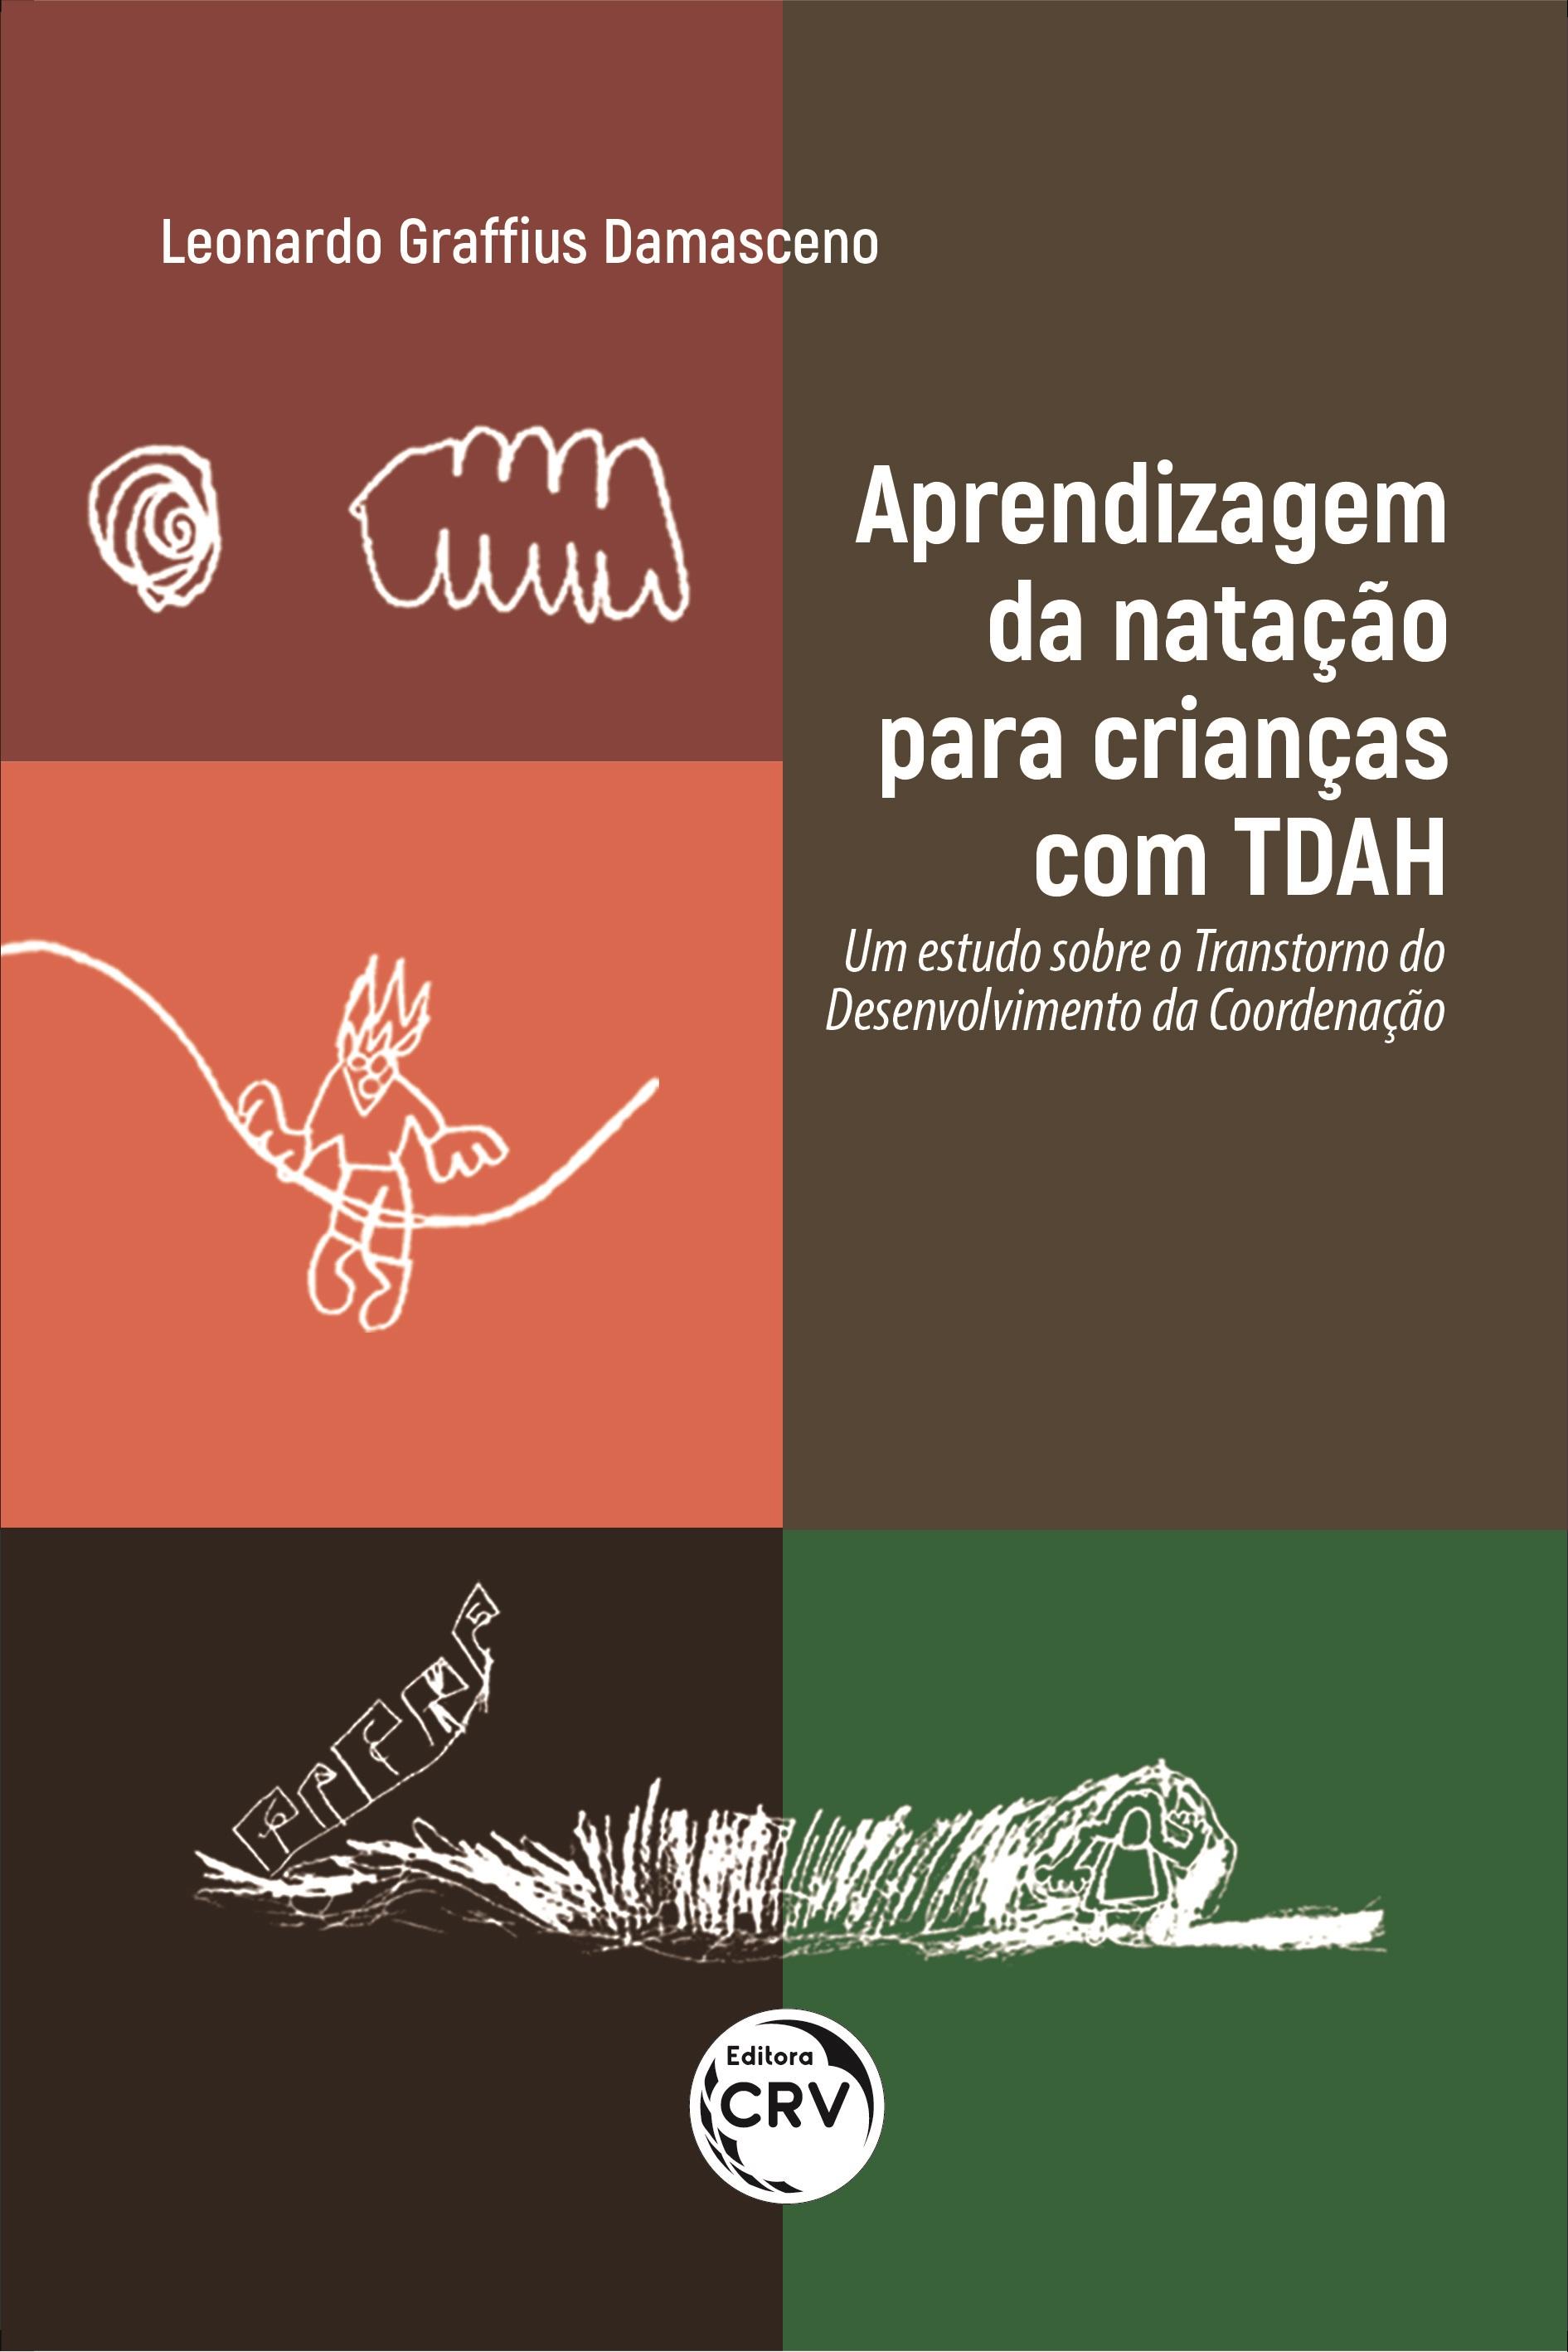 Capa do livro: APRENDIZAGEM DA NATAÇÃO PARA CRIANÇAS COM TDAH:<br> um estudo sobre o Transtorno do Desenvolvimento da Coordenação